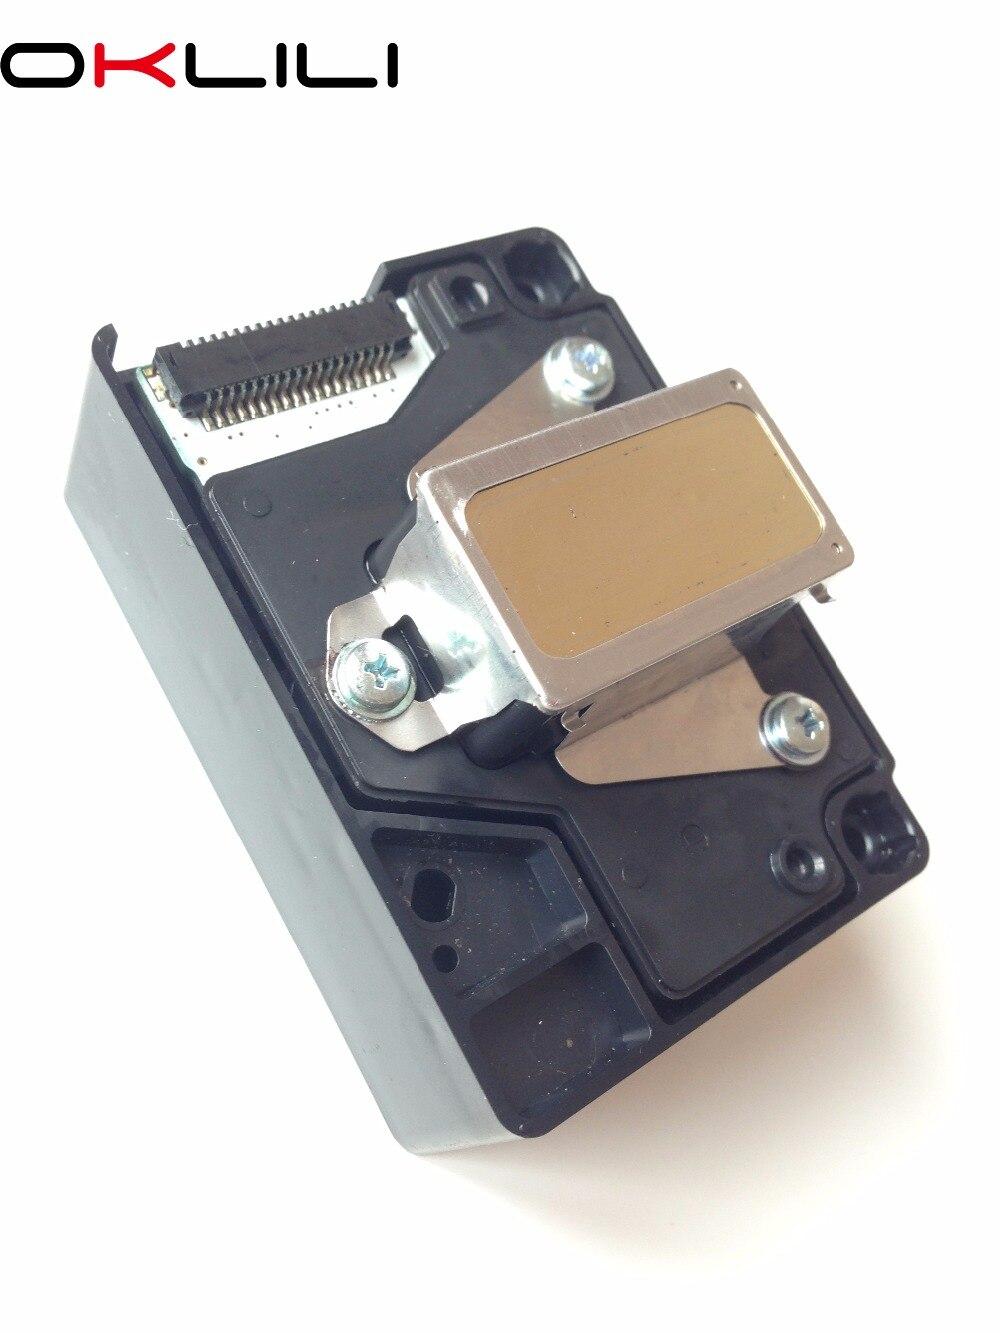 F185000 cabeça de impressão da cabeça de impressão para epson me1100 me70 me650 c110 c120 c10 c1100 t30 t33 t110 t1100 t1110 sc110 tx510 b1100 l1300